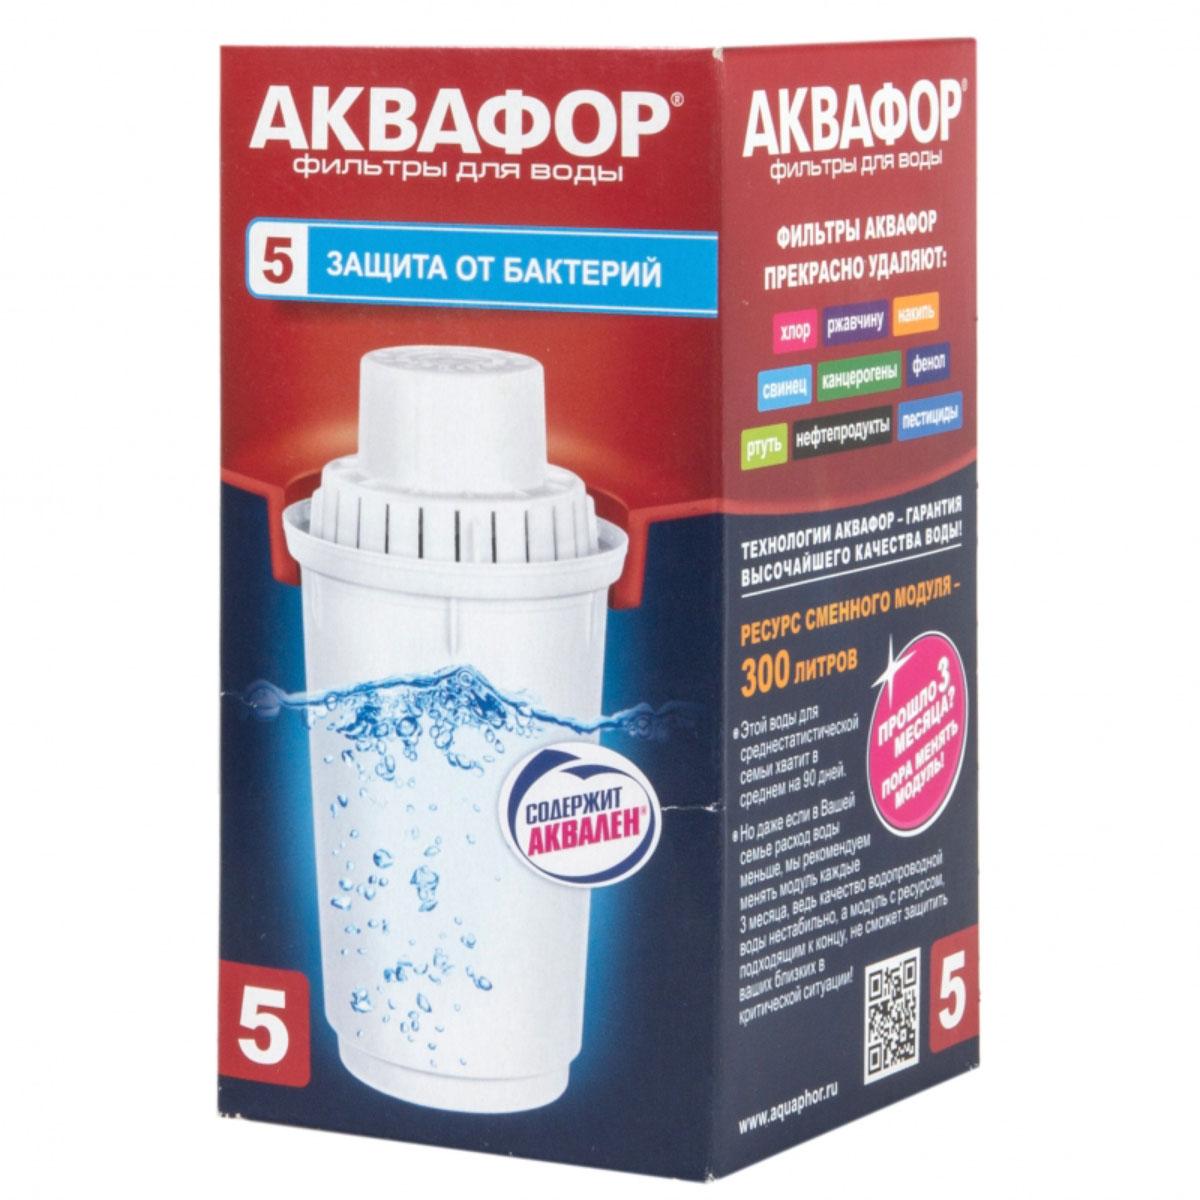 Сменный картридж Аквафор В100-5, усиленный бактерицидной добавкой11595Сменный модуль Аквафор В100-5 предназначен для доочистки водопроводной воды и удаления избыточной жесткости. Модуль удаляет из воды хлор, фенол, тяжелые металлы, железо, пестициды.Благодаря использованию уникальных волокнистых сорбционных материалов марки Аквален в комбинации с лучшими марками активированных углей модуль надежно и необратимо задерживает не только органические соединения, железо и тяжелые металлы, но и другие виды вредных примесей, а также умягчает воду и снижает образование накипи, удаляет неприятный вкус и запах. Для подавления роста бактерий используется модификация волокна Аквален, содержащая серебро. В результате у вас всегда под рукой чистая вода без остаточного активного хлора и органических примесей с приятным вкусом и без запаха.Средний ресурс: 300 л.Компания Аквафор создавалась как высокотехнологическая производственная фирма, охватывающая все стадии создания продукции от научных и конструкторских разработок до изготовления конечной продукции. Основное правило Аквафора - стабильно высокое качество продукции и высокие технологии, поэтому техническое обновление производства происходит каждые 3-4 года, для чего покупаются новые модели машин и аппаратов.Собственное производство уникальных сорбентов и постоянный контроль на всех этапах производства позволяют Аквафору выпускать высококачественный продукт, известность которого на рынке быстро растет.